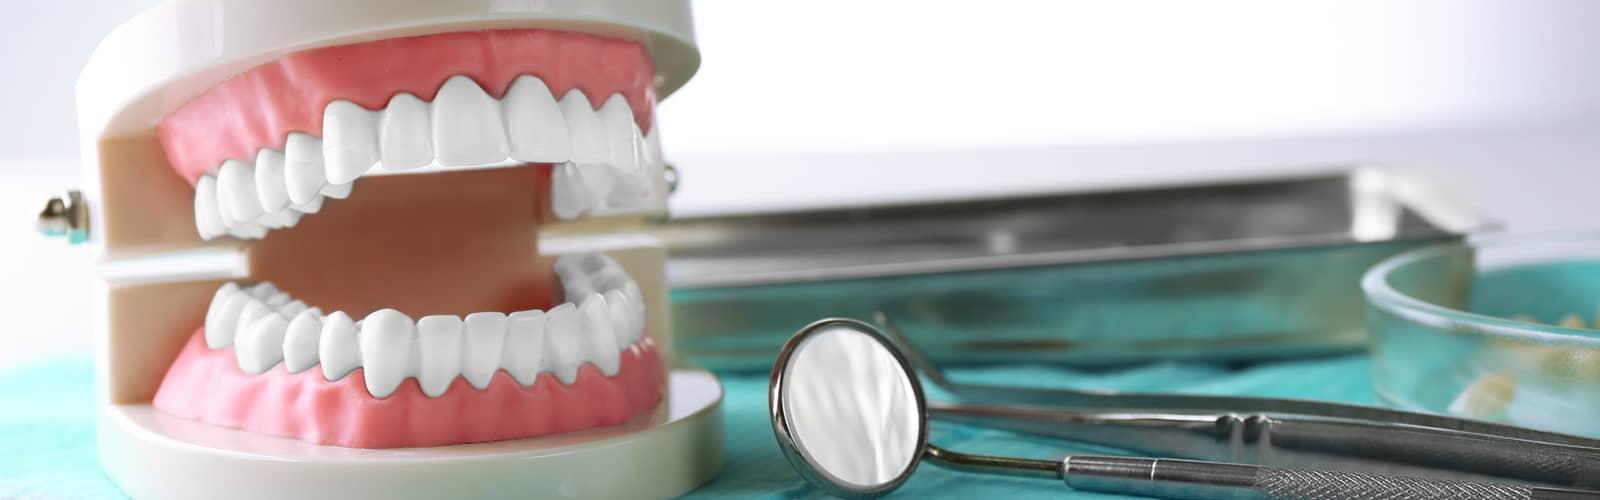 En tandprotes med andra tandverktyg